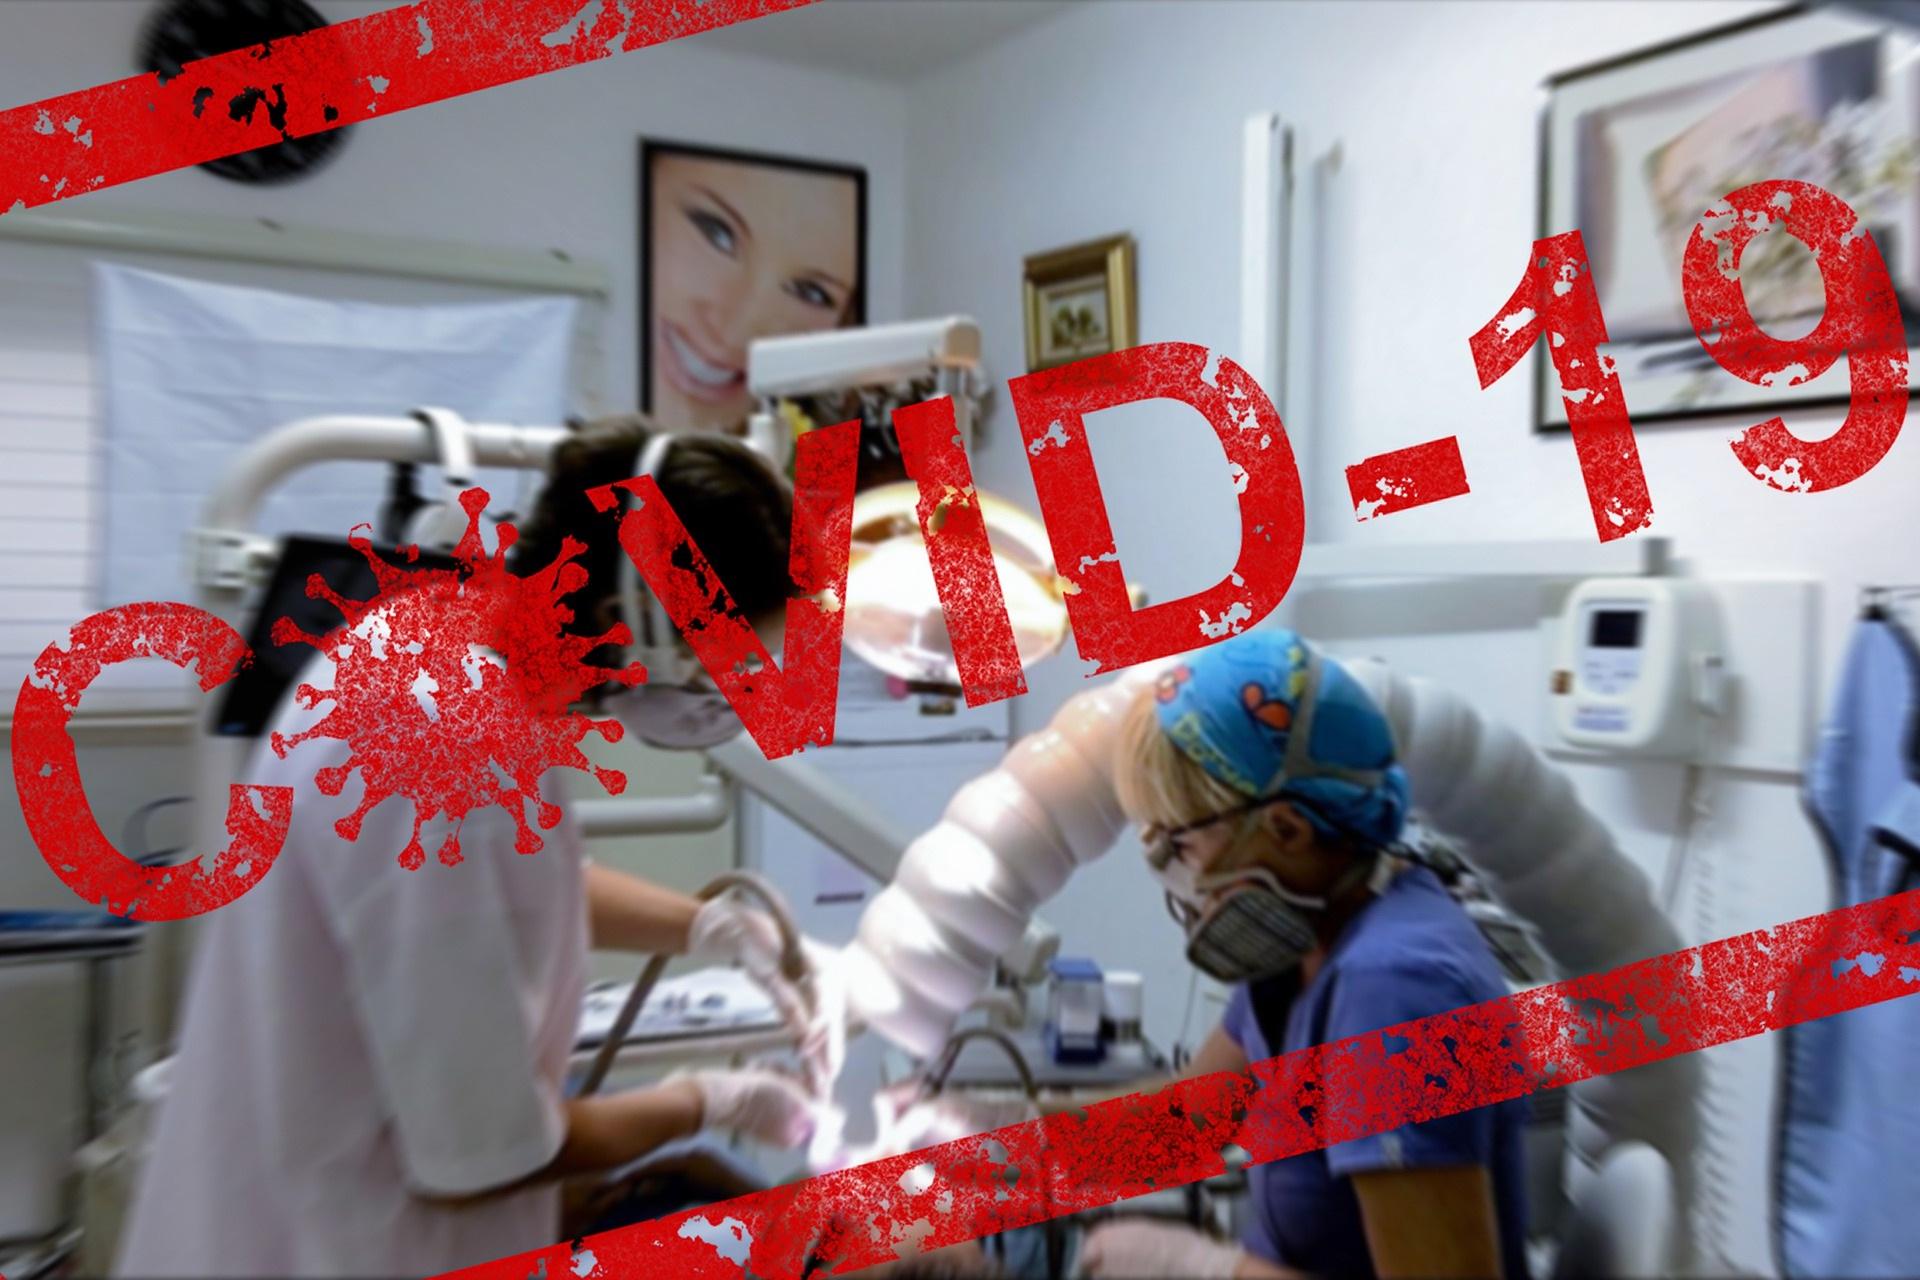 Medicii au descoperit un nou simptom al infecției cu Covid-19! Este mai grav decât credea cineva